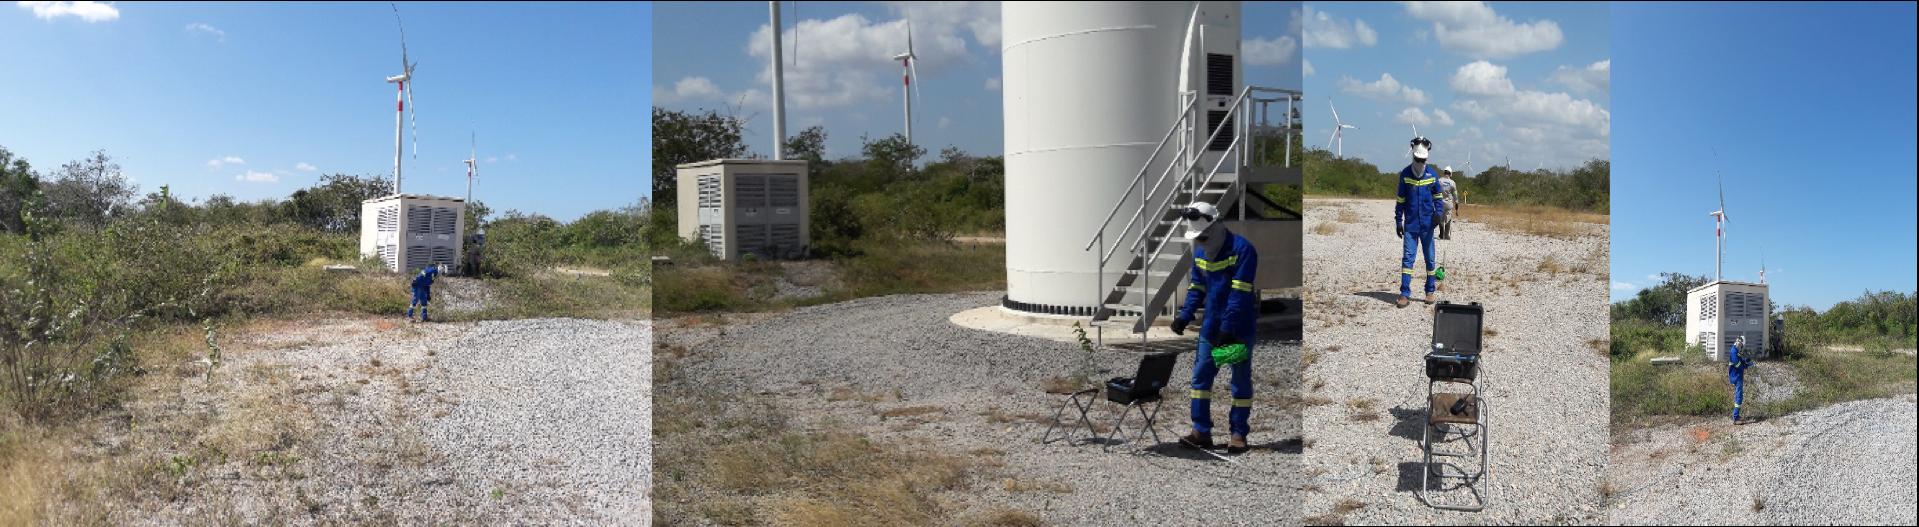 WIND, Complexo Eólico Modelo, João Câmara/RN